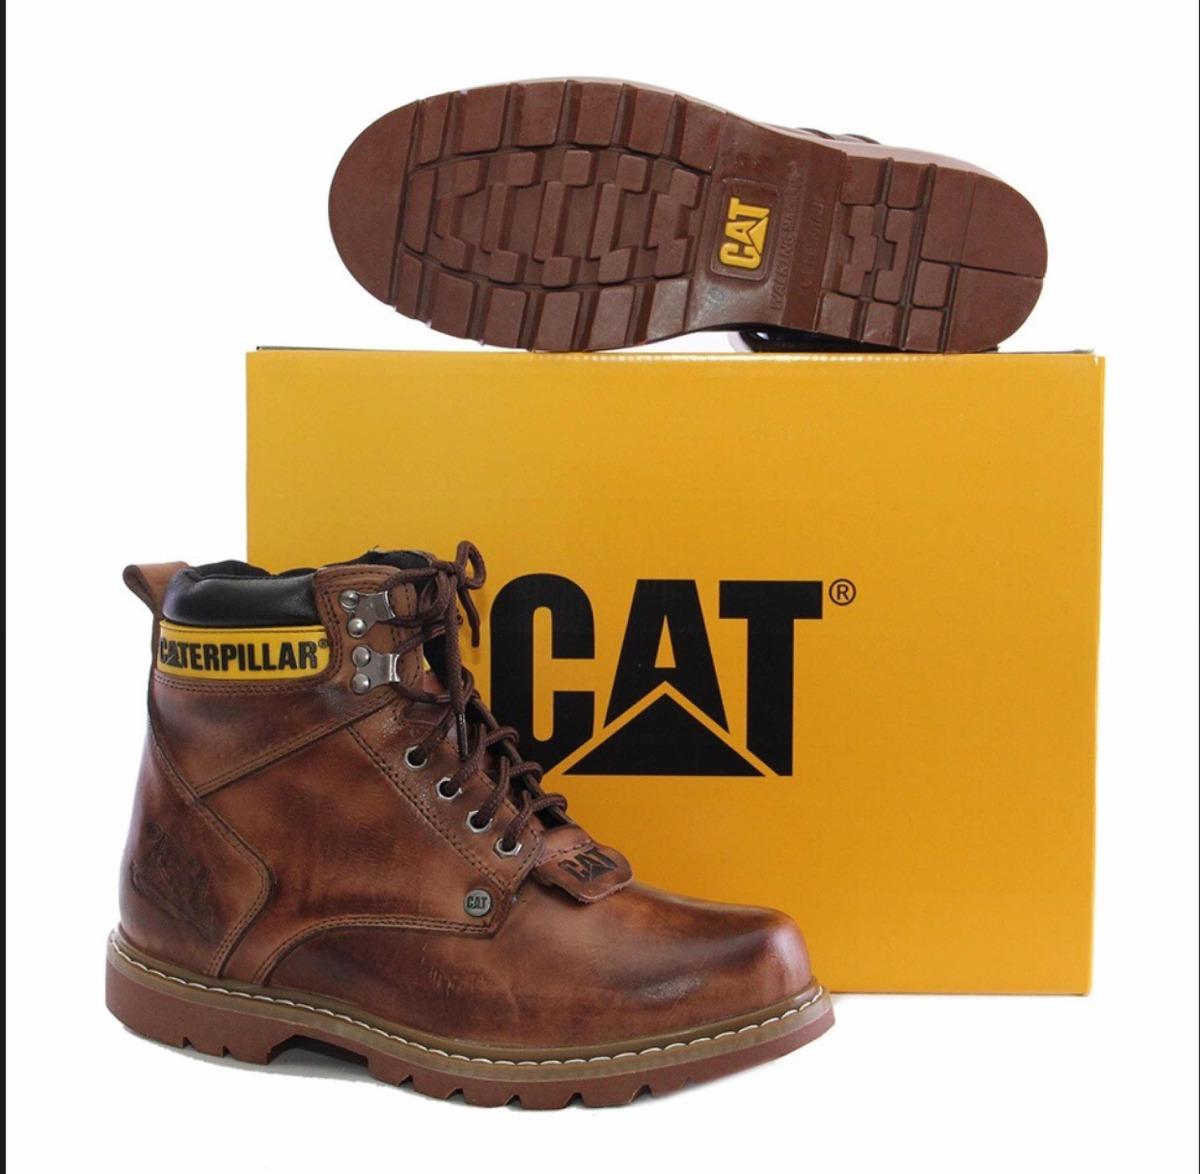 76f7cfe11 botas cat caterpillar cintos+ billetera de regalo 100%cuero. Cargando zoom.